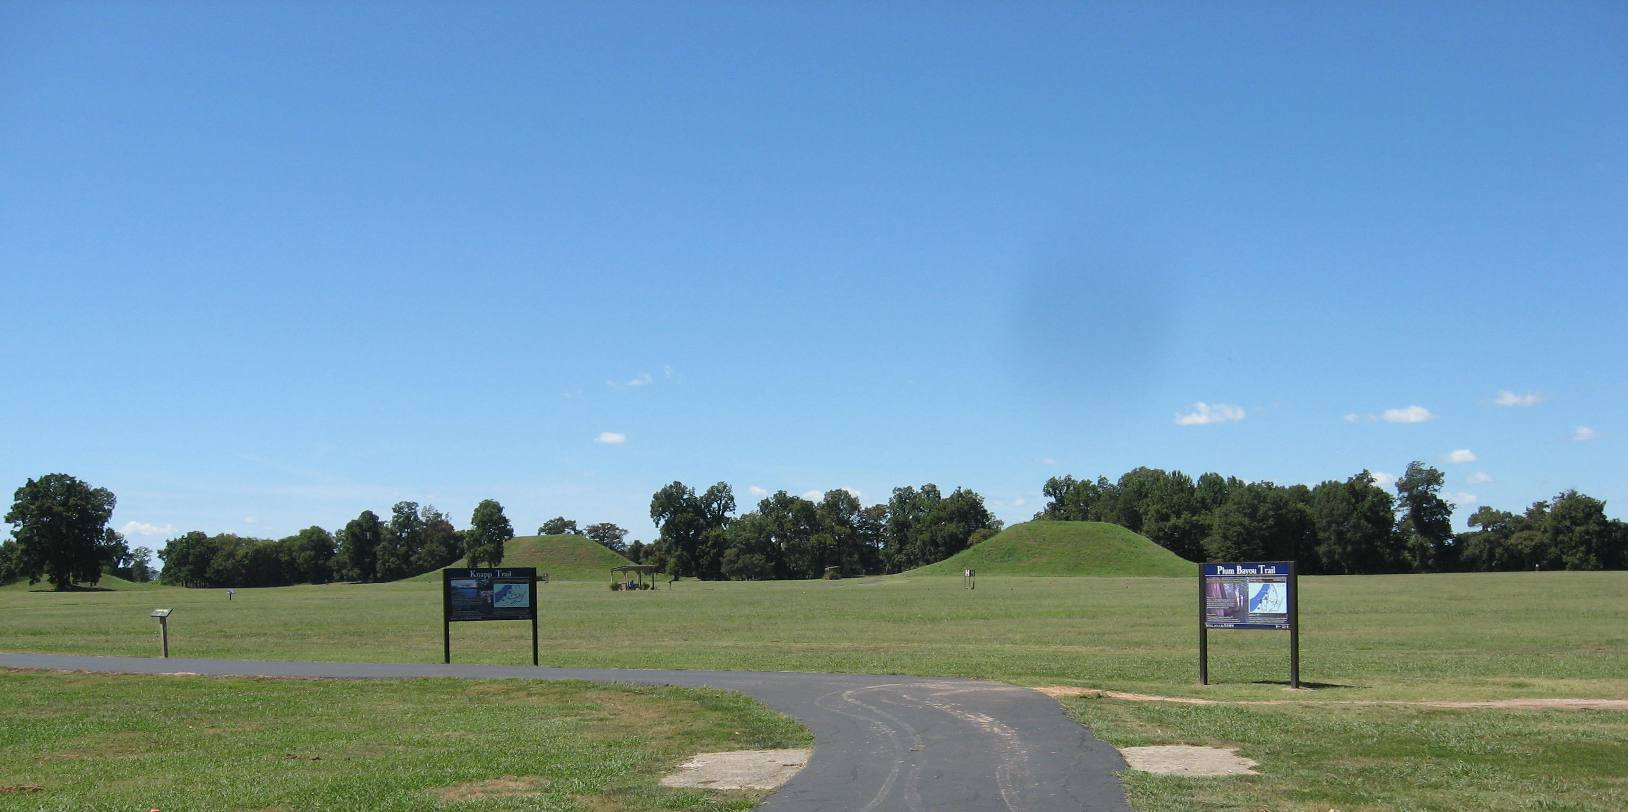 Main Mound